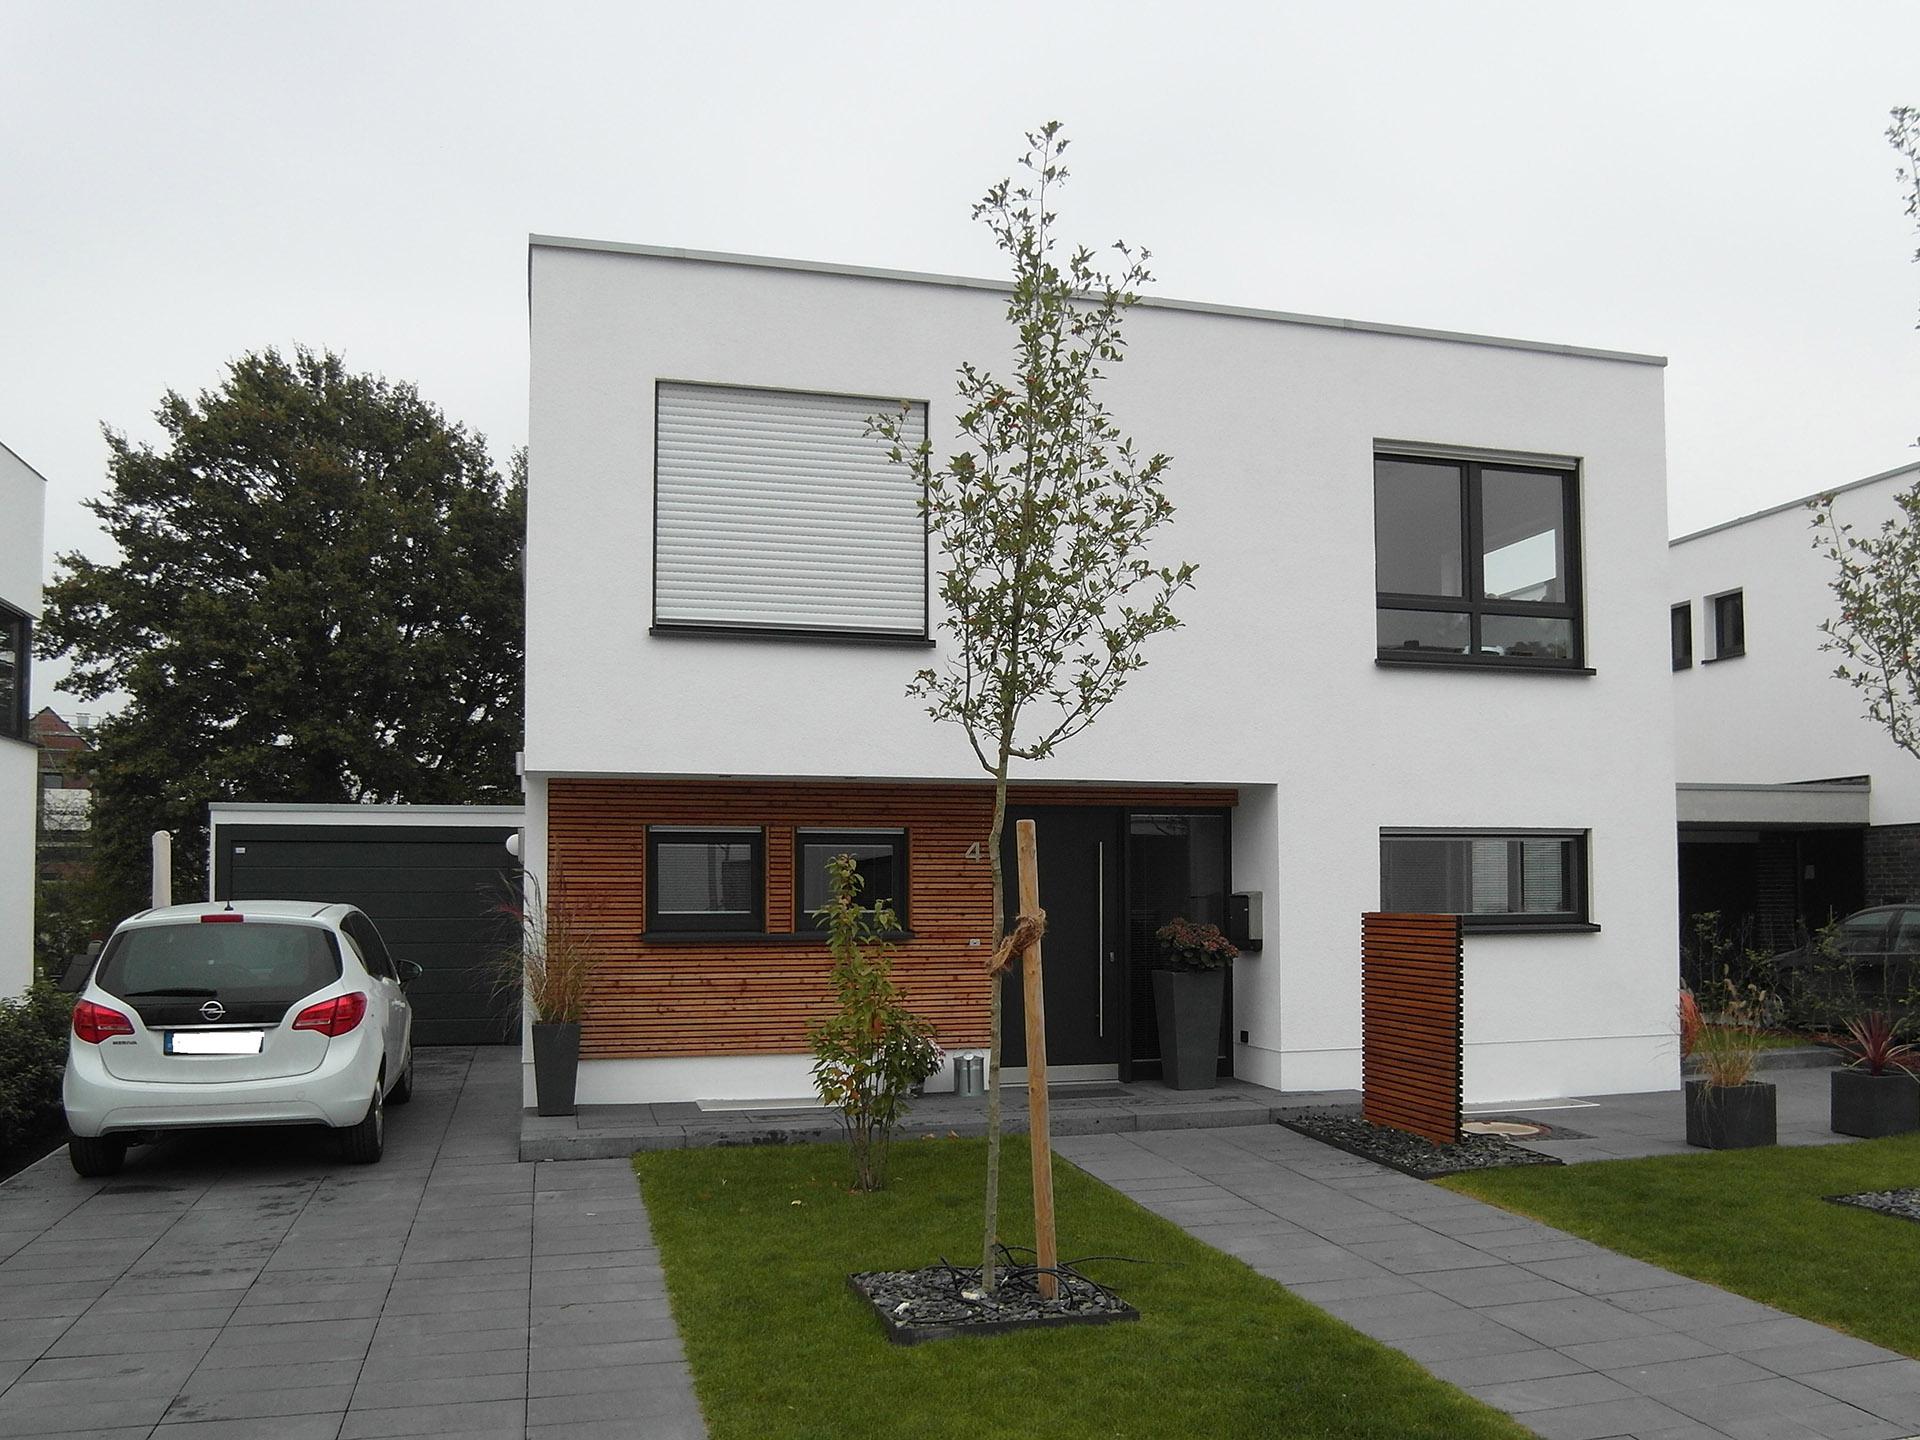 Knue stening massivhaus gmbh referenzen for Einfamilienhaus flachdach